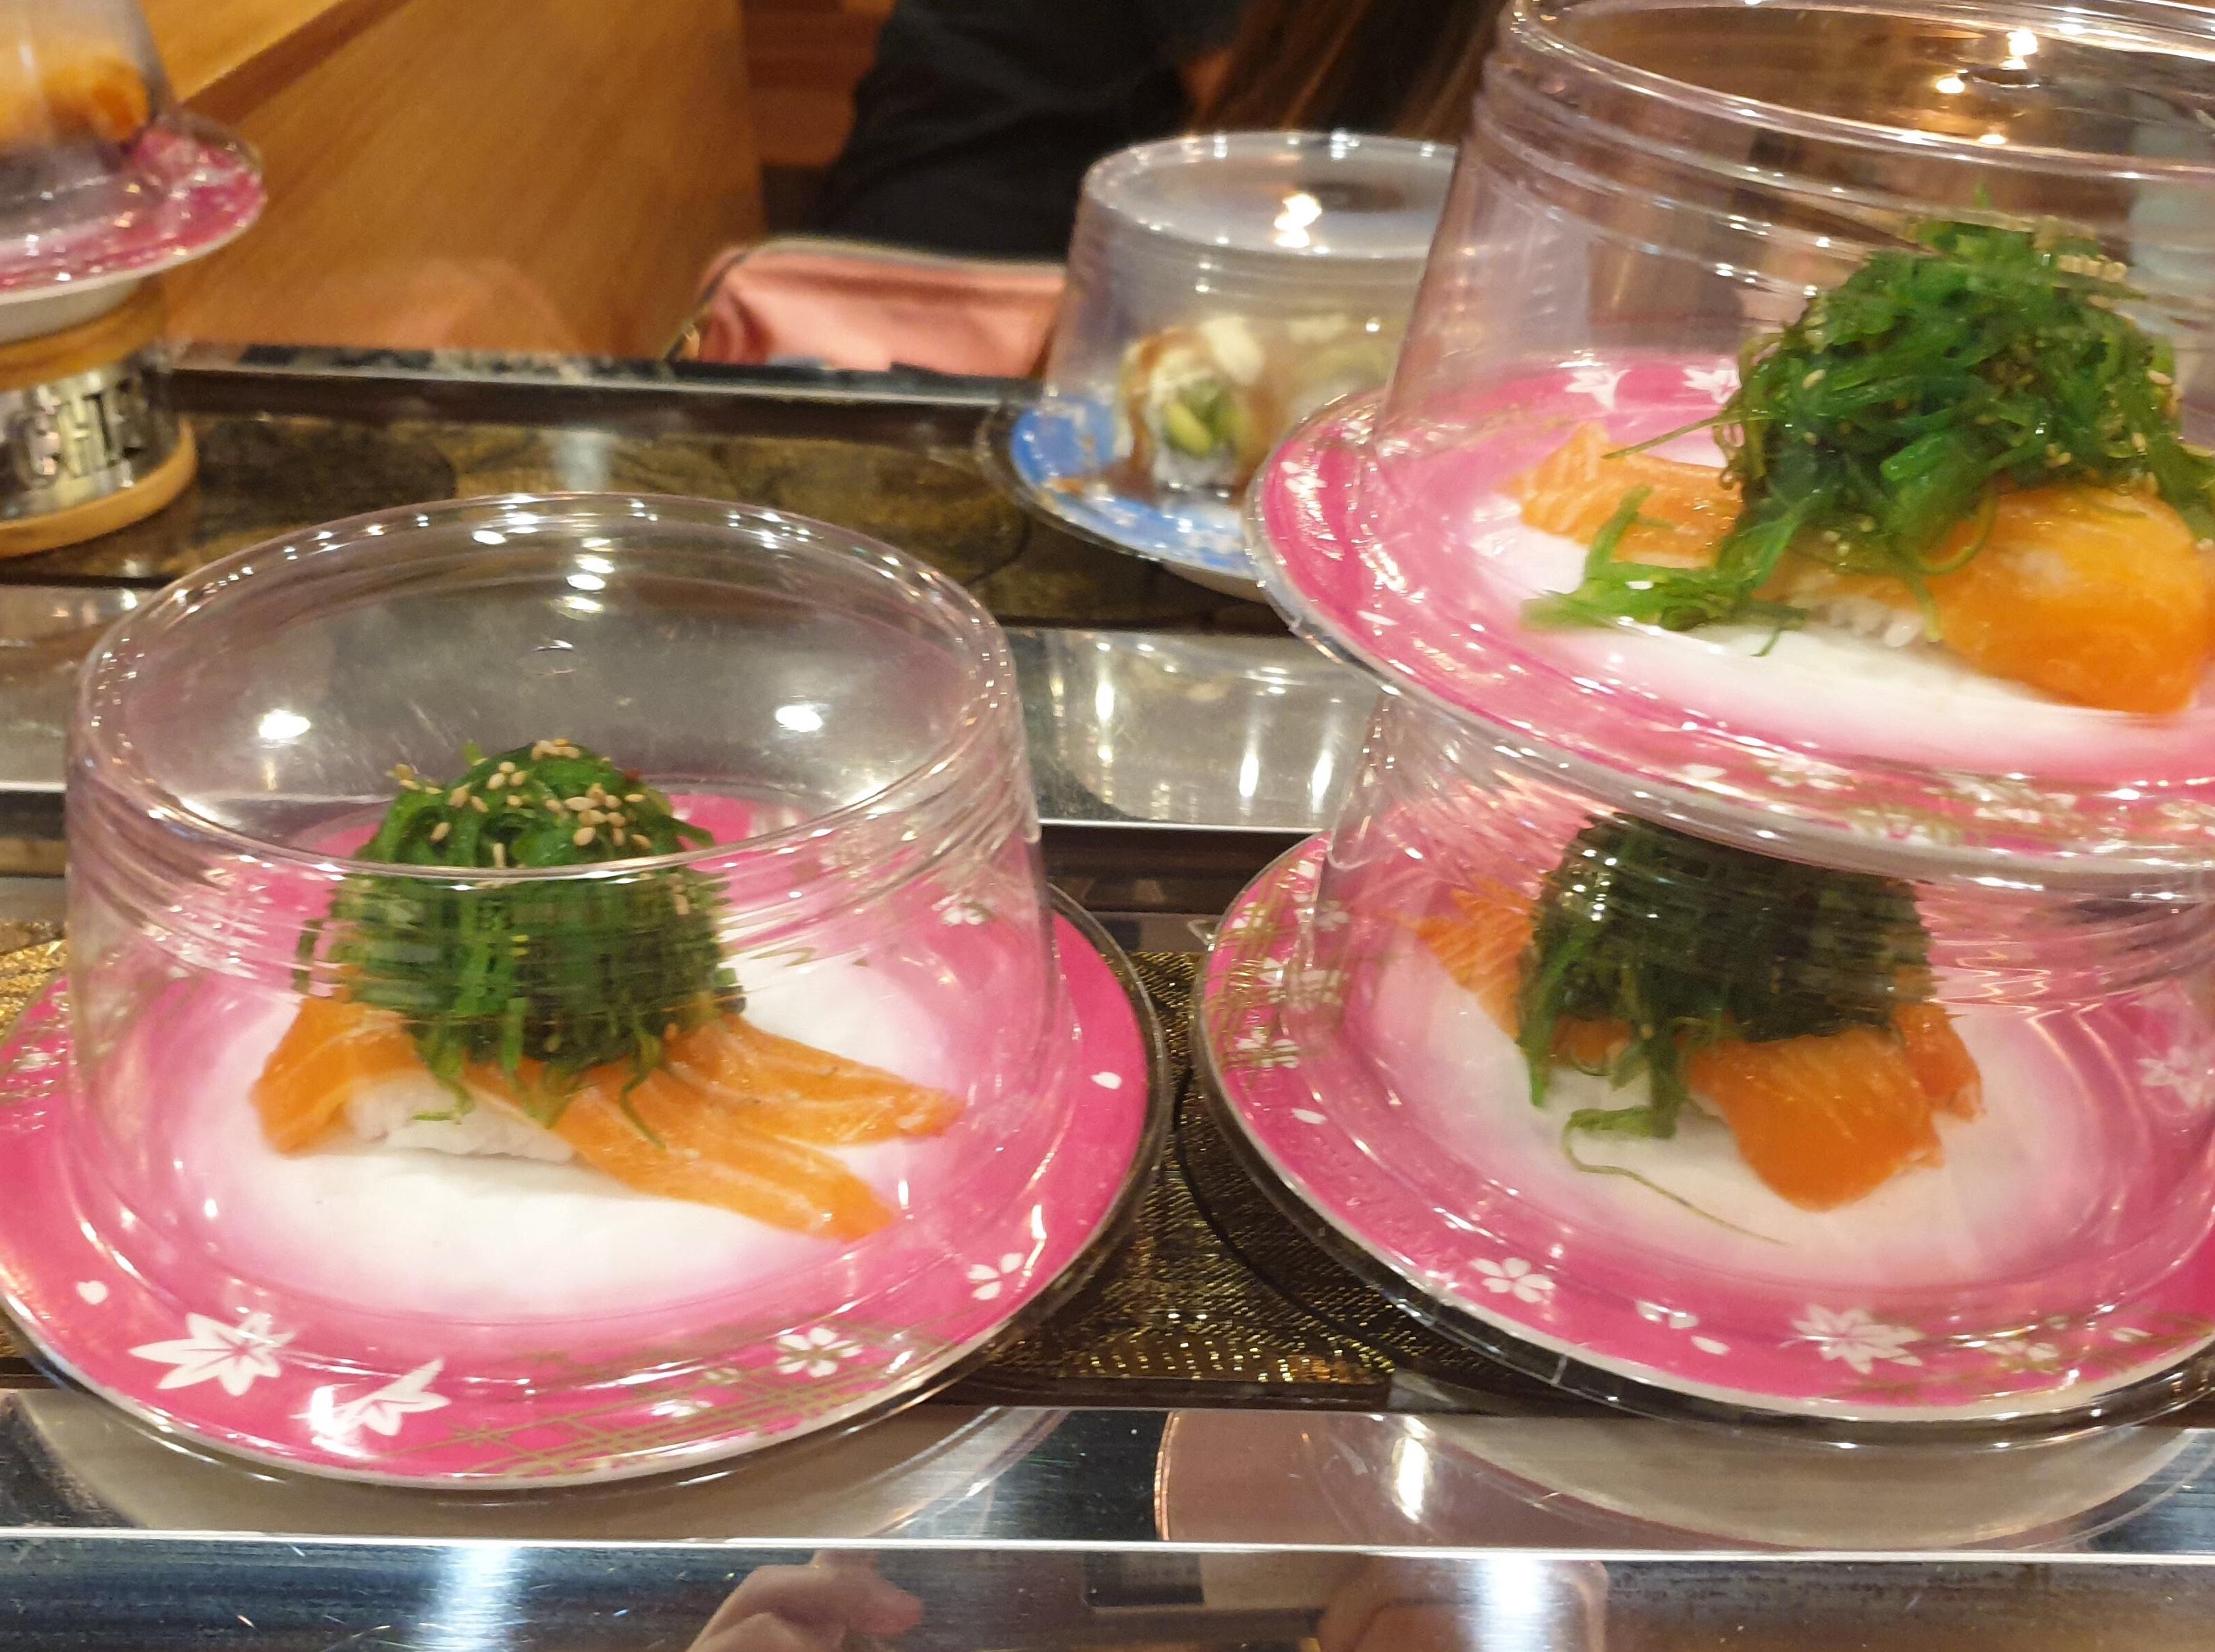 回転寿司の 『Sushi Maru 』に行ってみたら、懐かしいアイスがあった